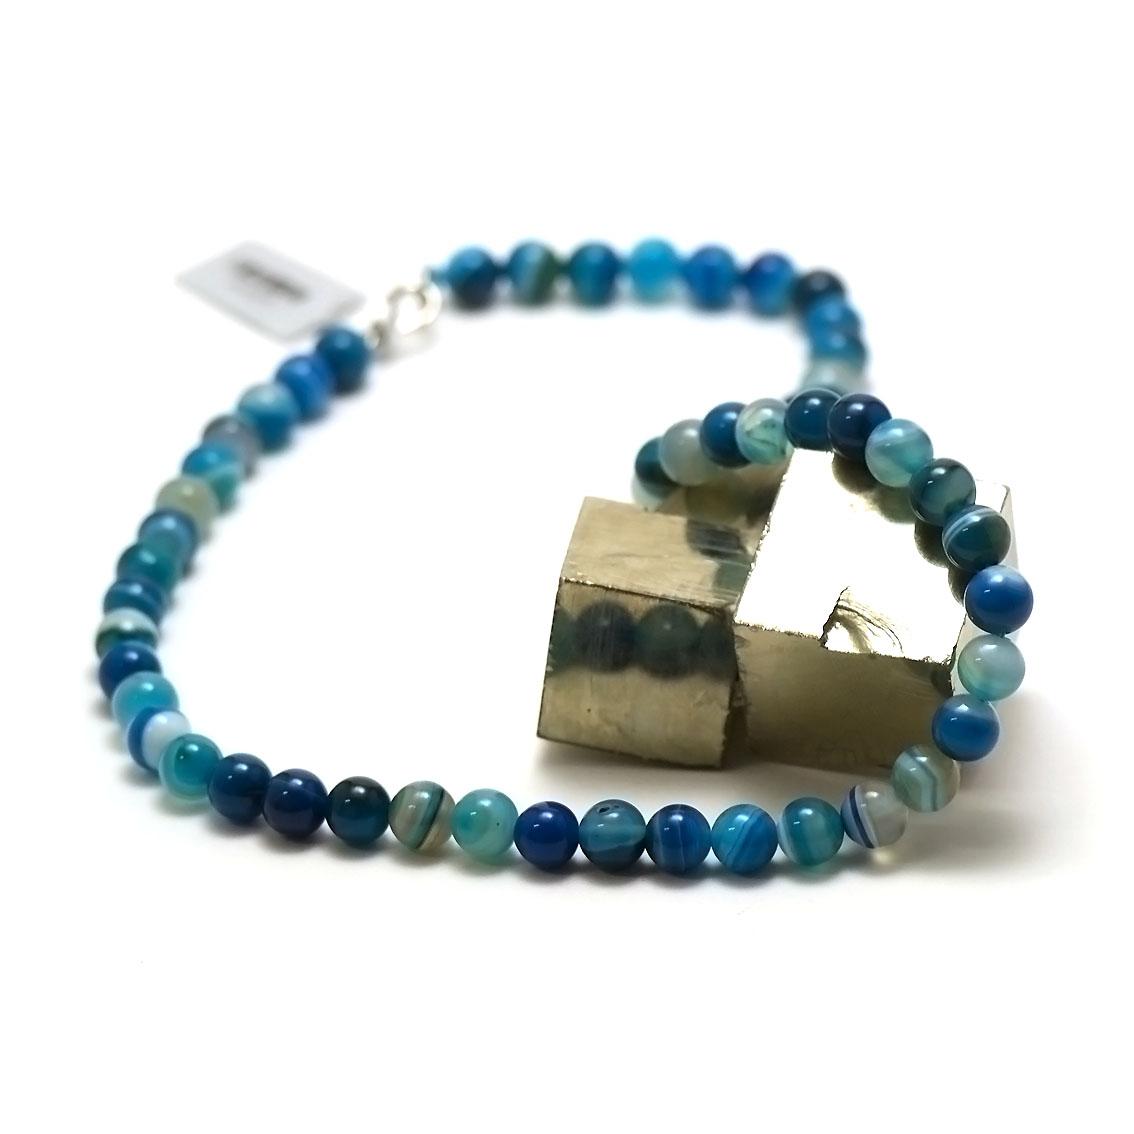 bleu ronde 8 mm 1 collier en pierre naturelle d'agate